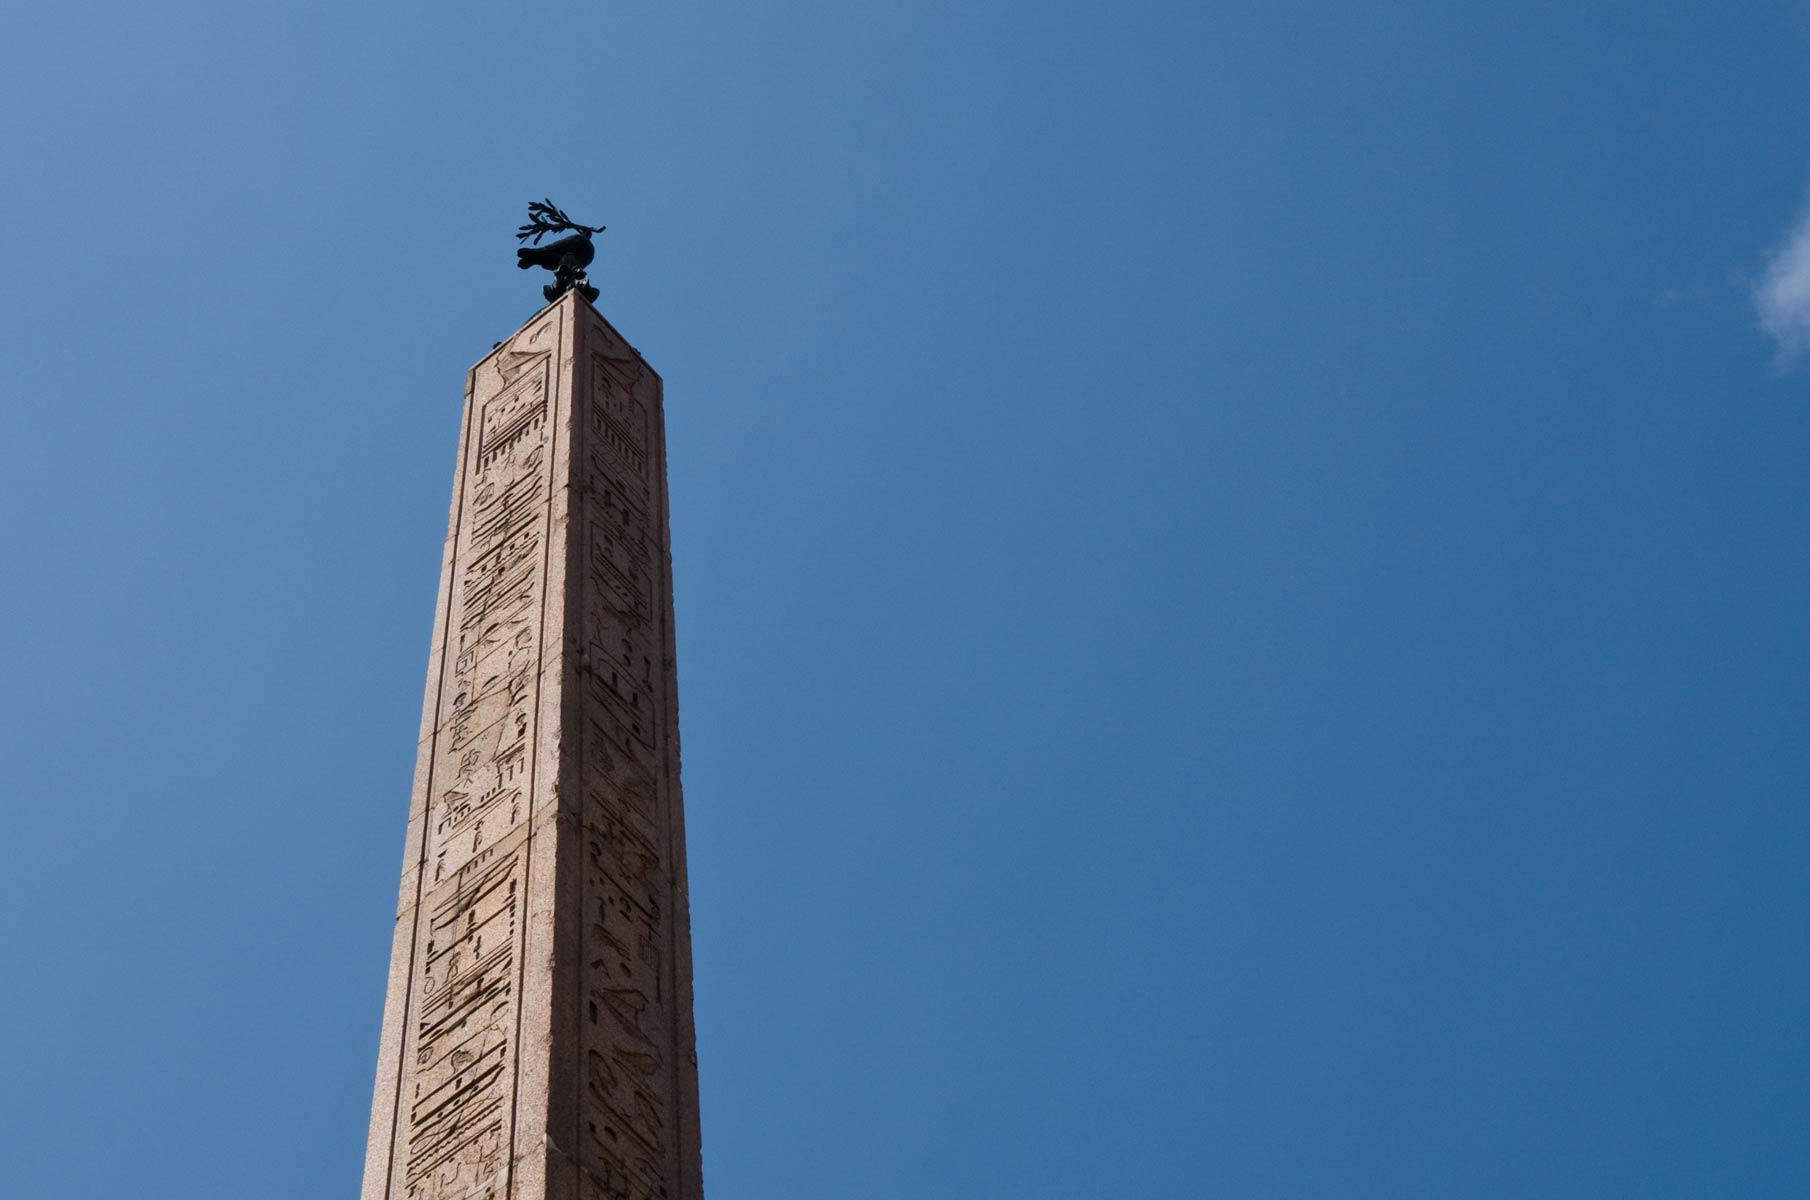 Ägyptischer Obelisk in Rom, Italien